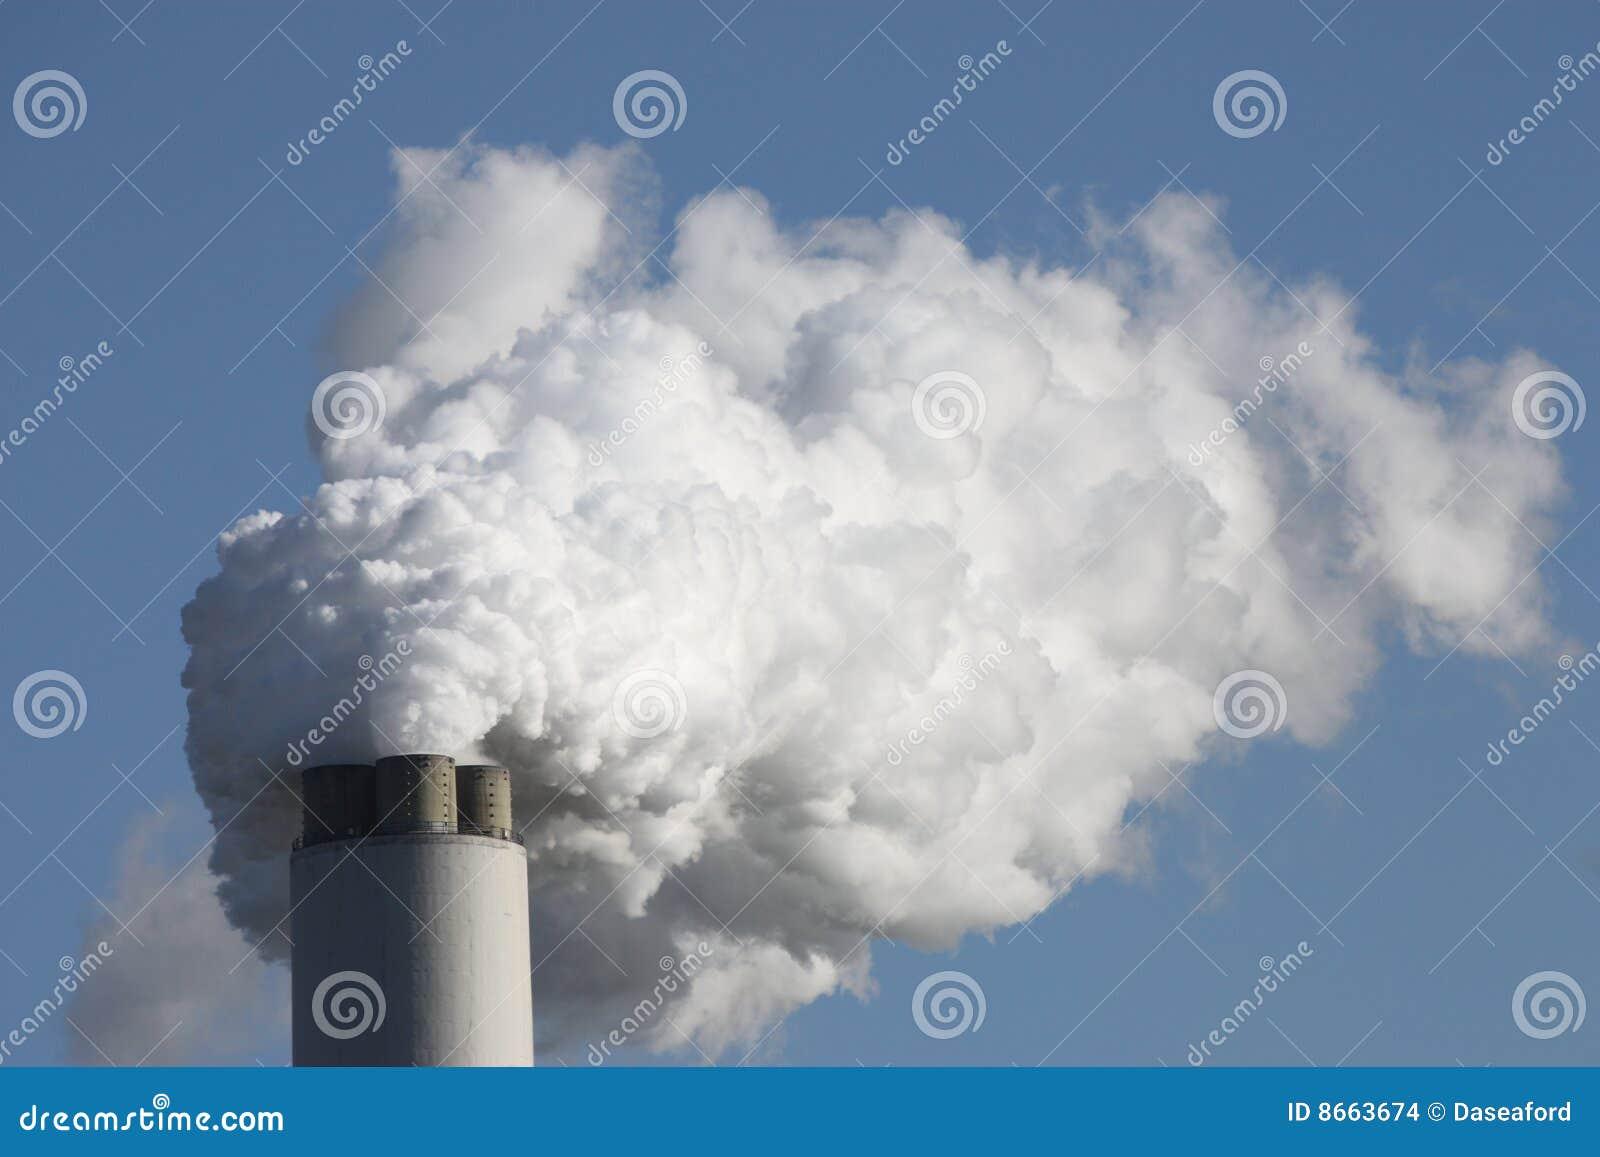 Fumée de cheminée.